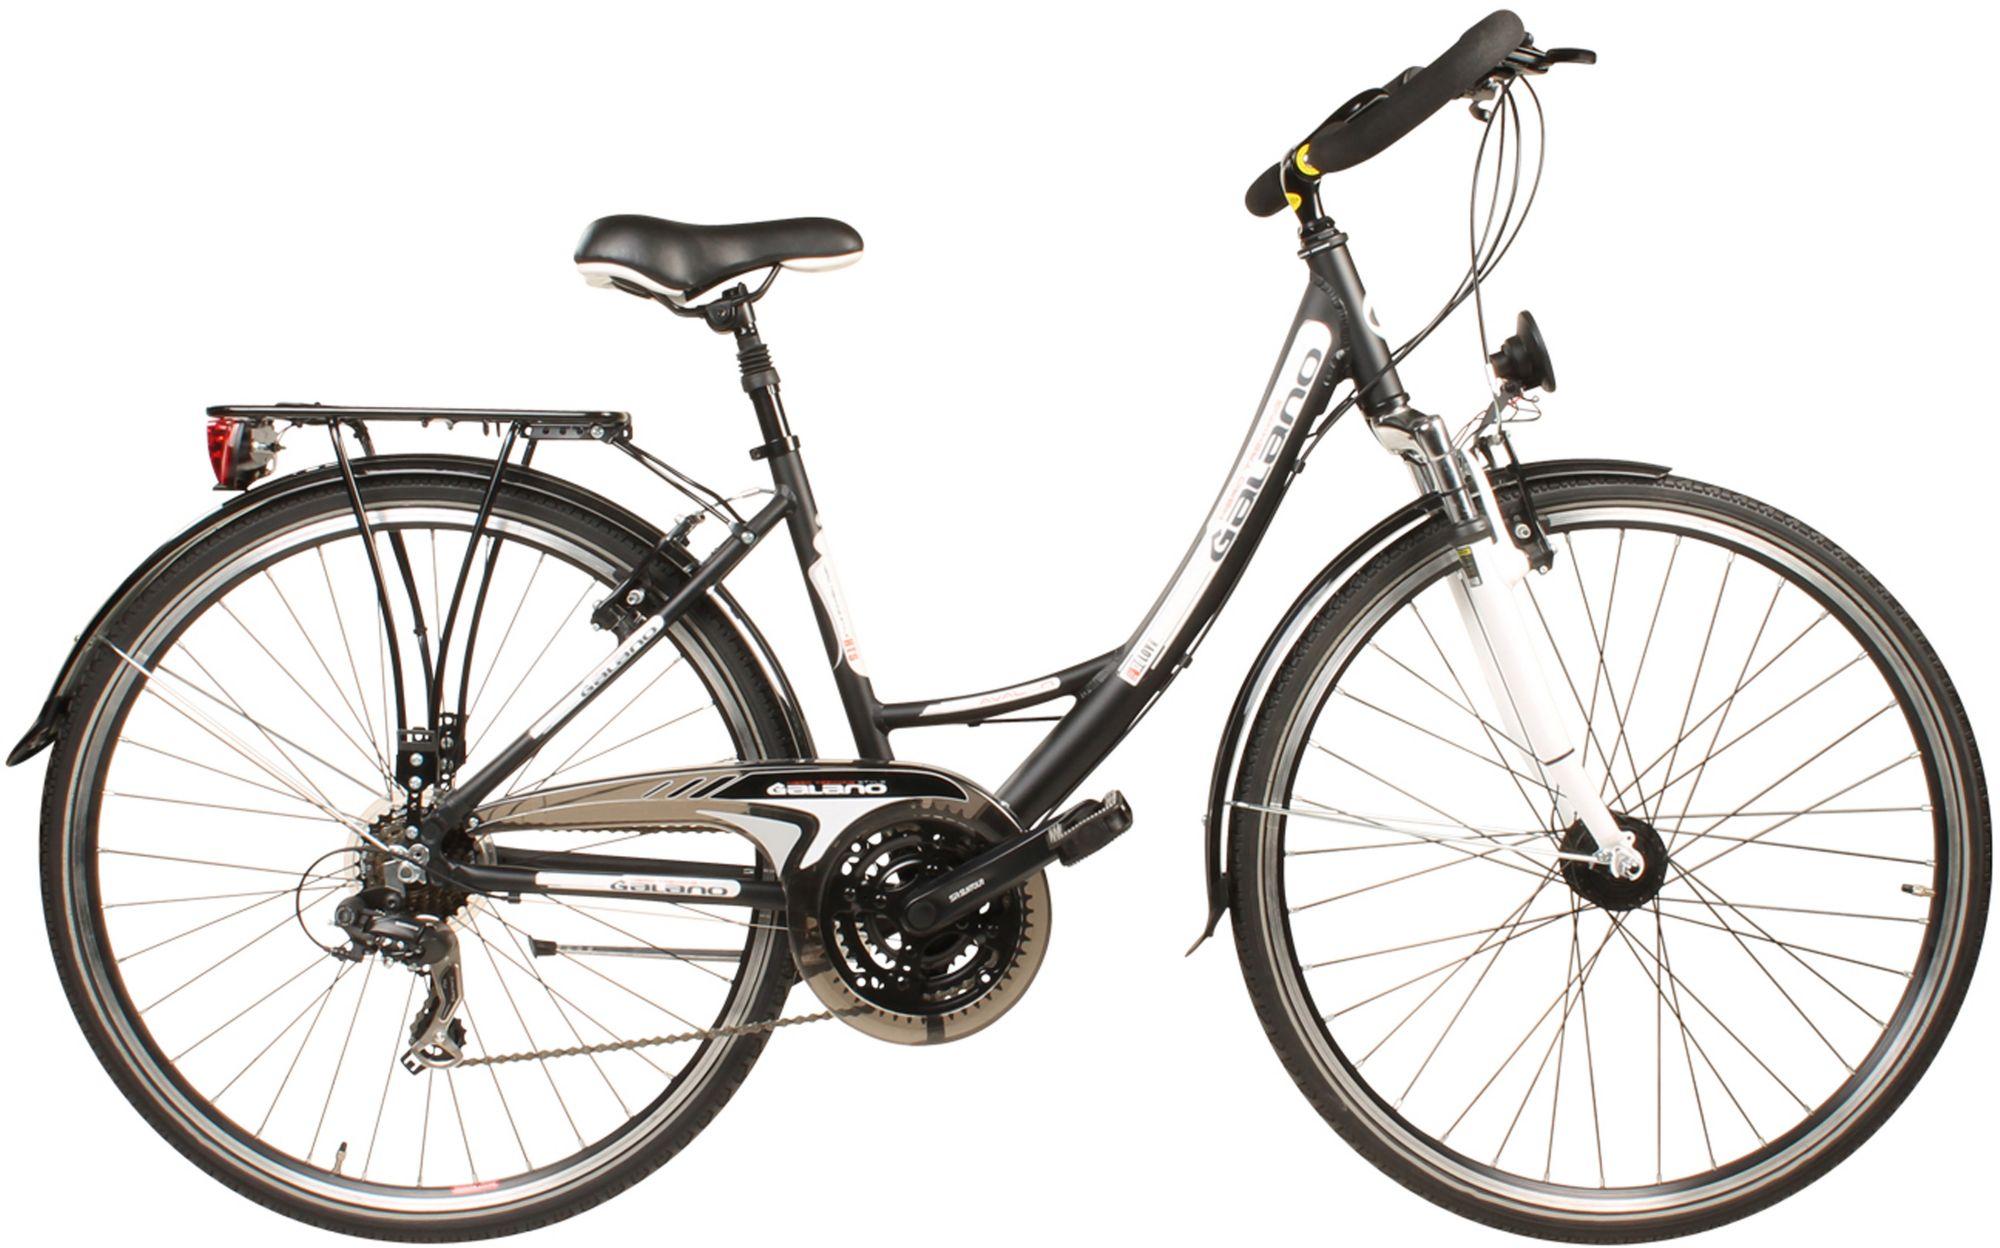 GALANO Galano Trekkingrad, Damen, Tourenlenker, 21 Gang Shimano Kettenschaltung, schwarz, »Avalon«